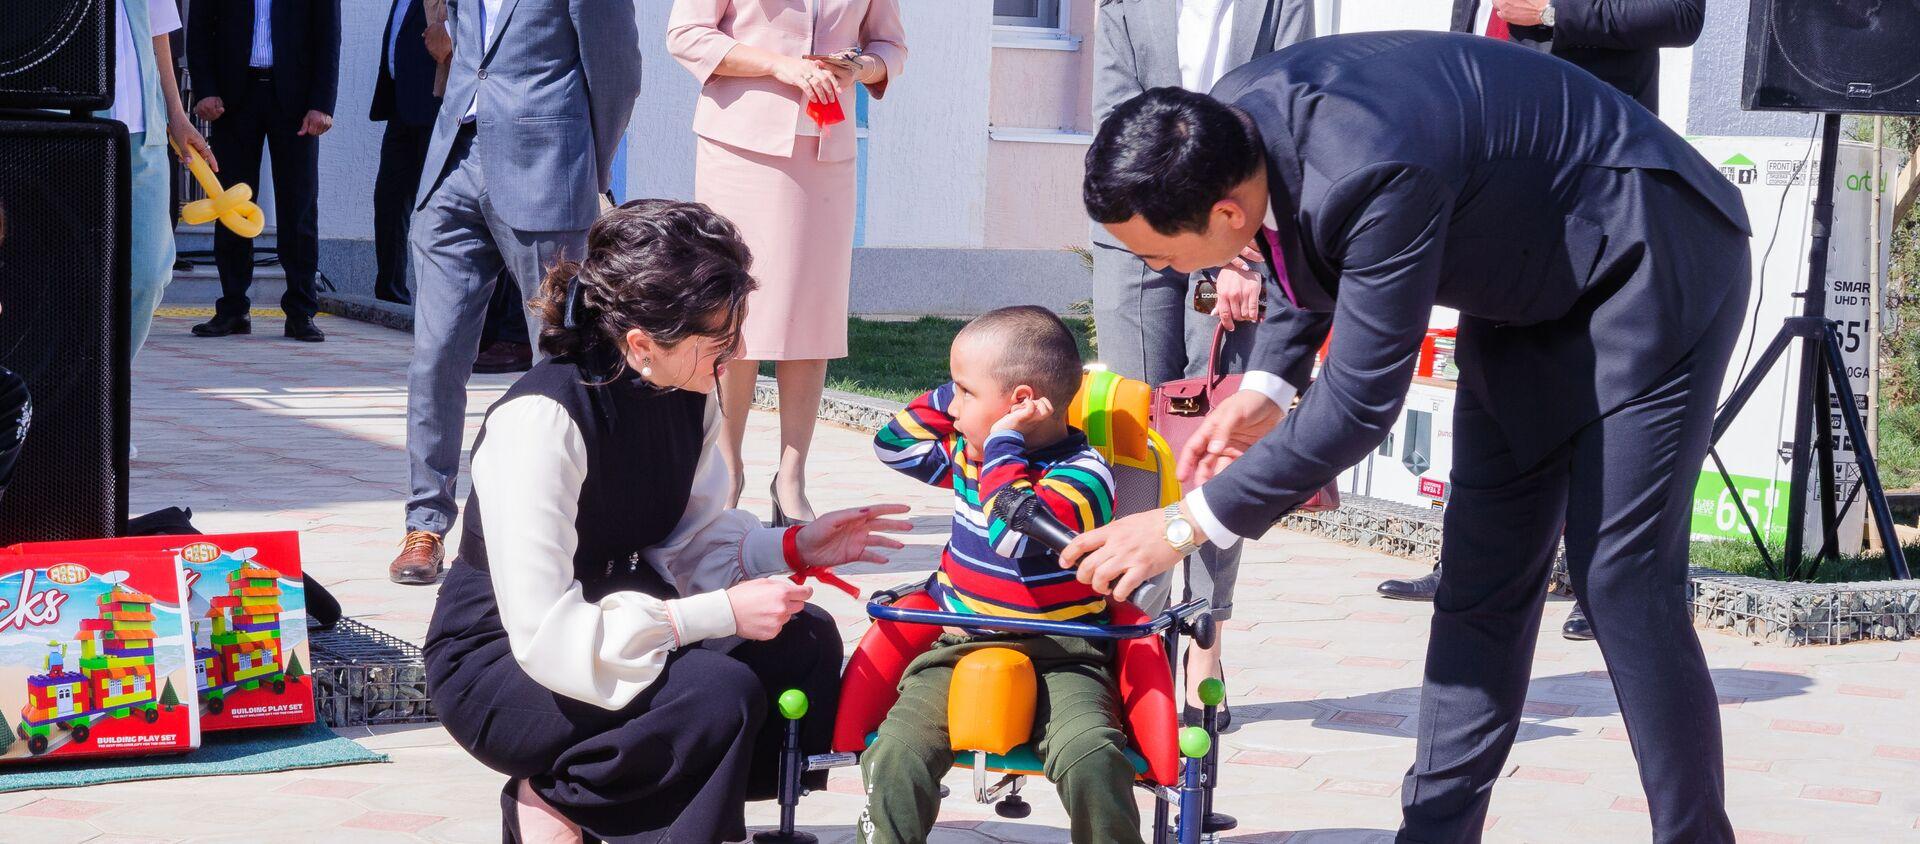 Открытие первого в Узбекистане специализированного дошкольного учреждения с реабилитационным центром - Sputnik Ўзбекистон, 1920, 05.04.2019